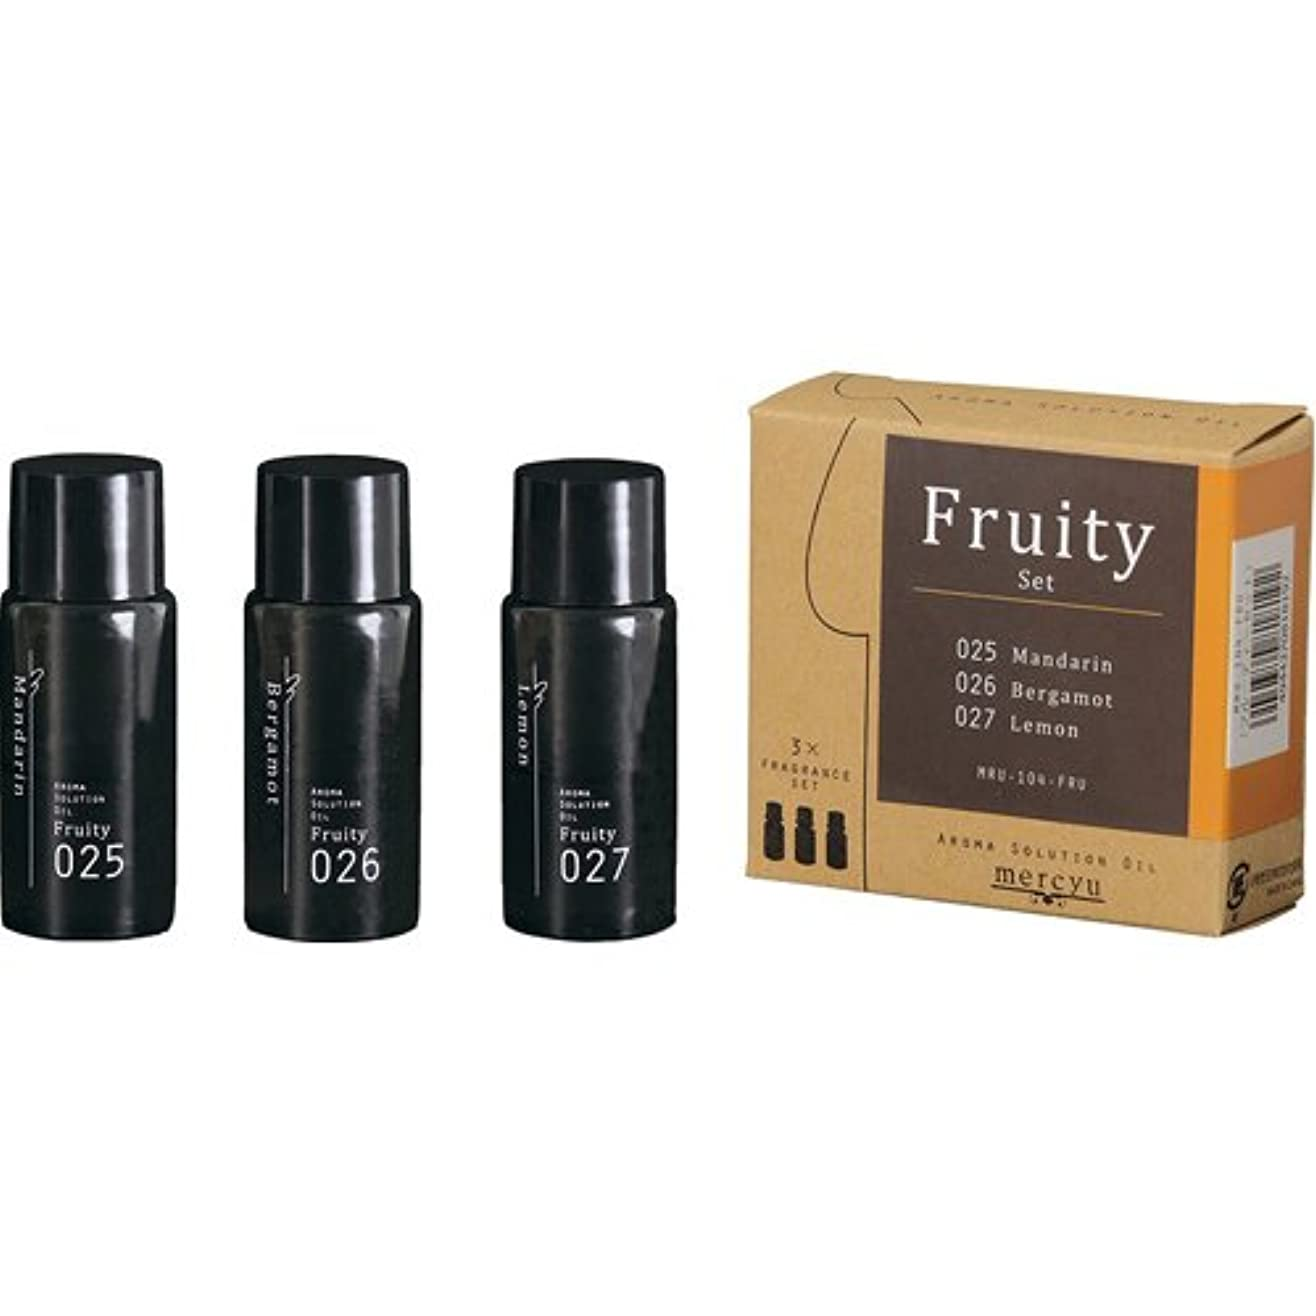 夢中火曜日後ろにアロマ ソリューション オイル Fruity (025ベルガモット/026レモン/027マンダリン) MRU-104-FRU